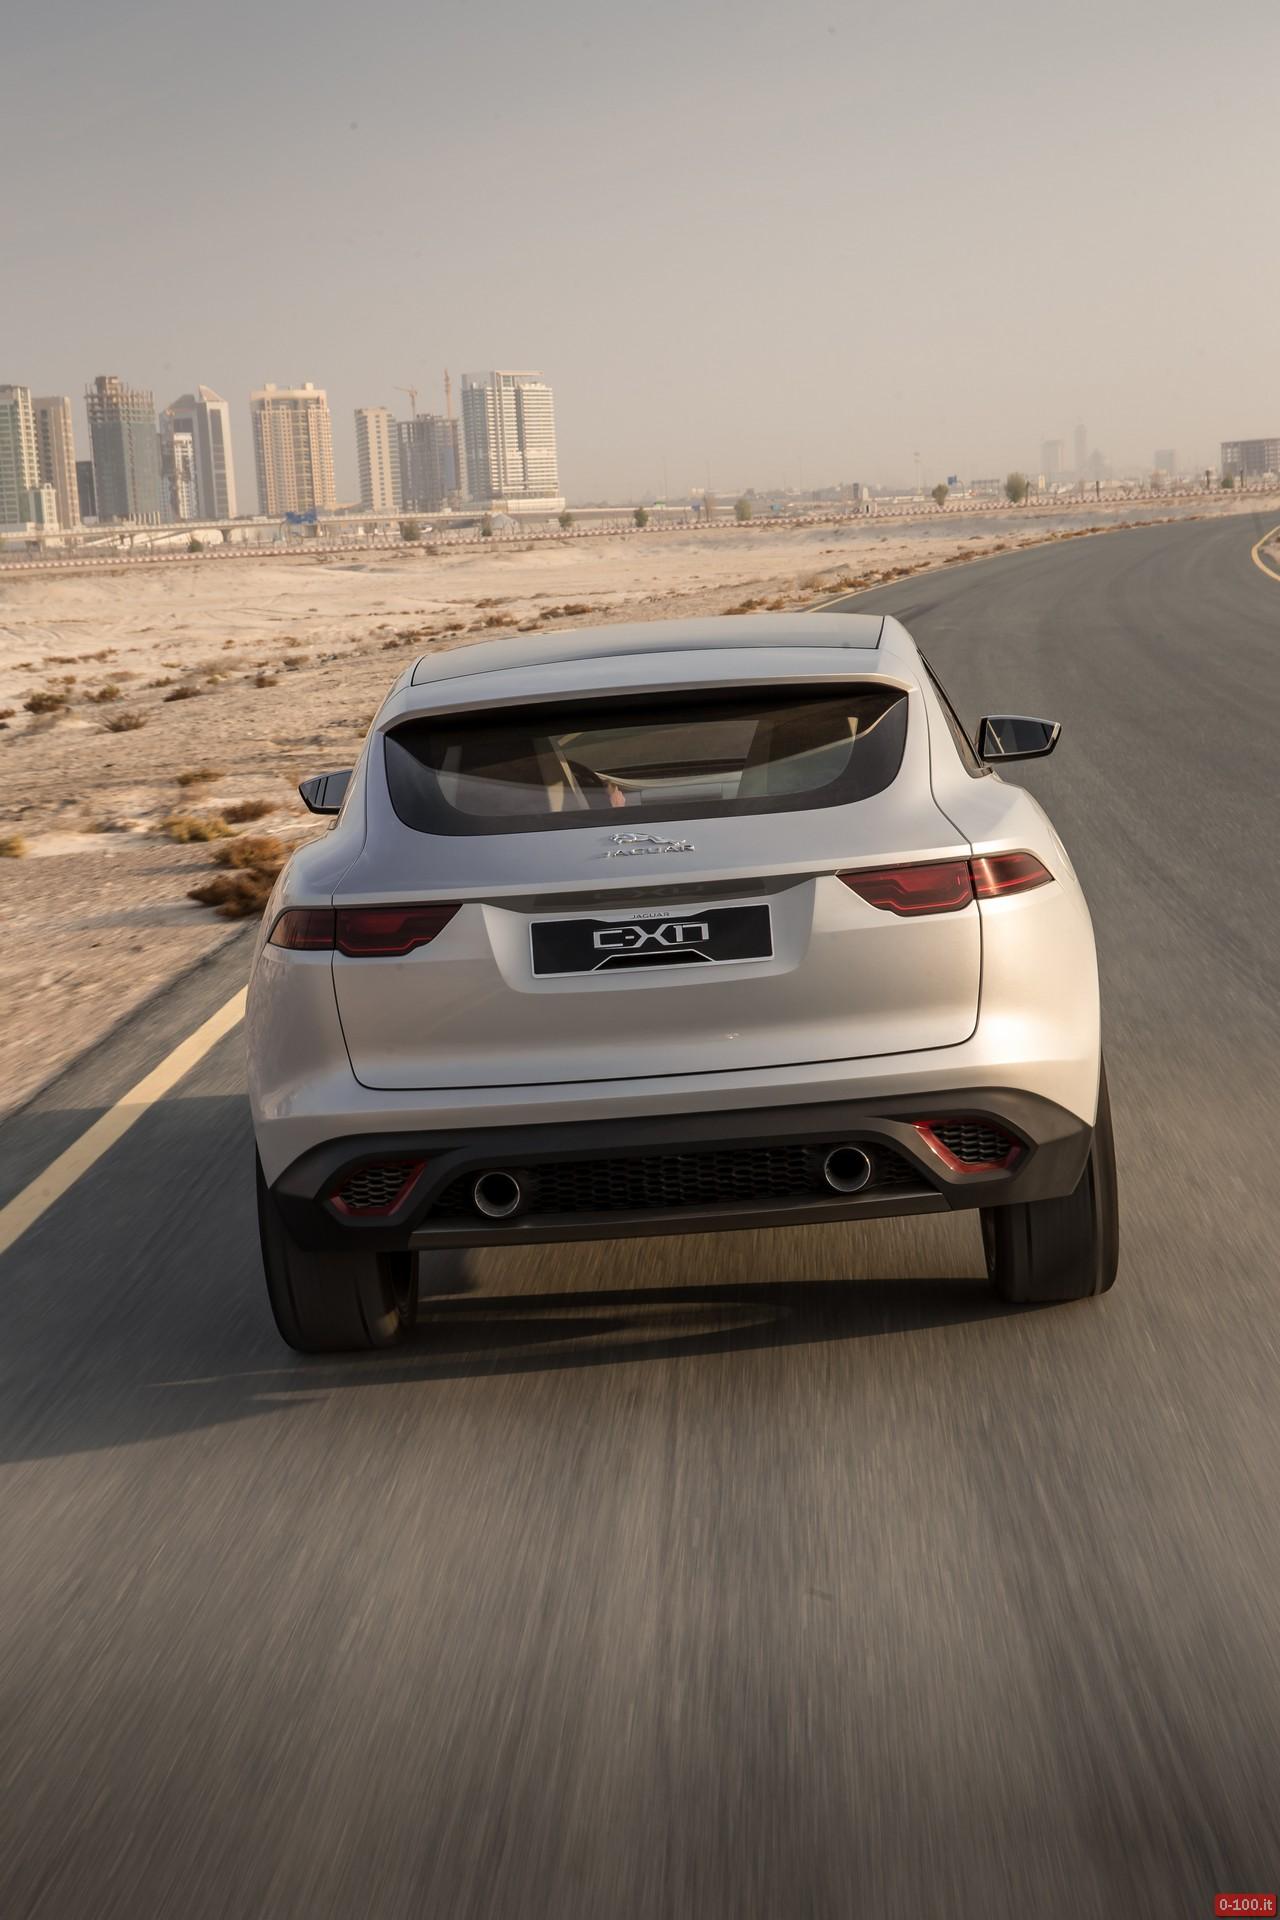 jaguar-c-x17-dubai-price-aluminum_0-100_26